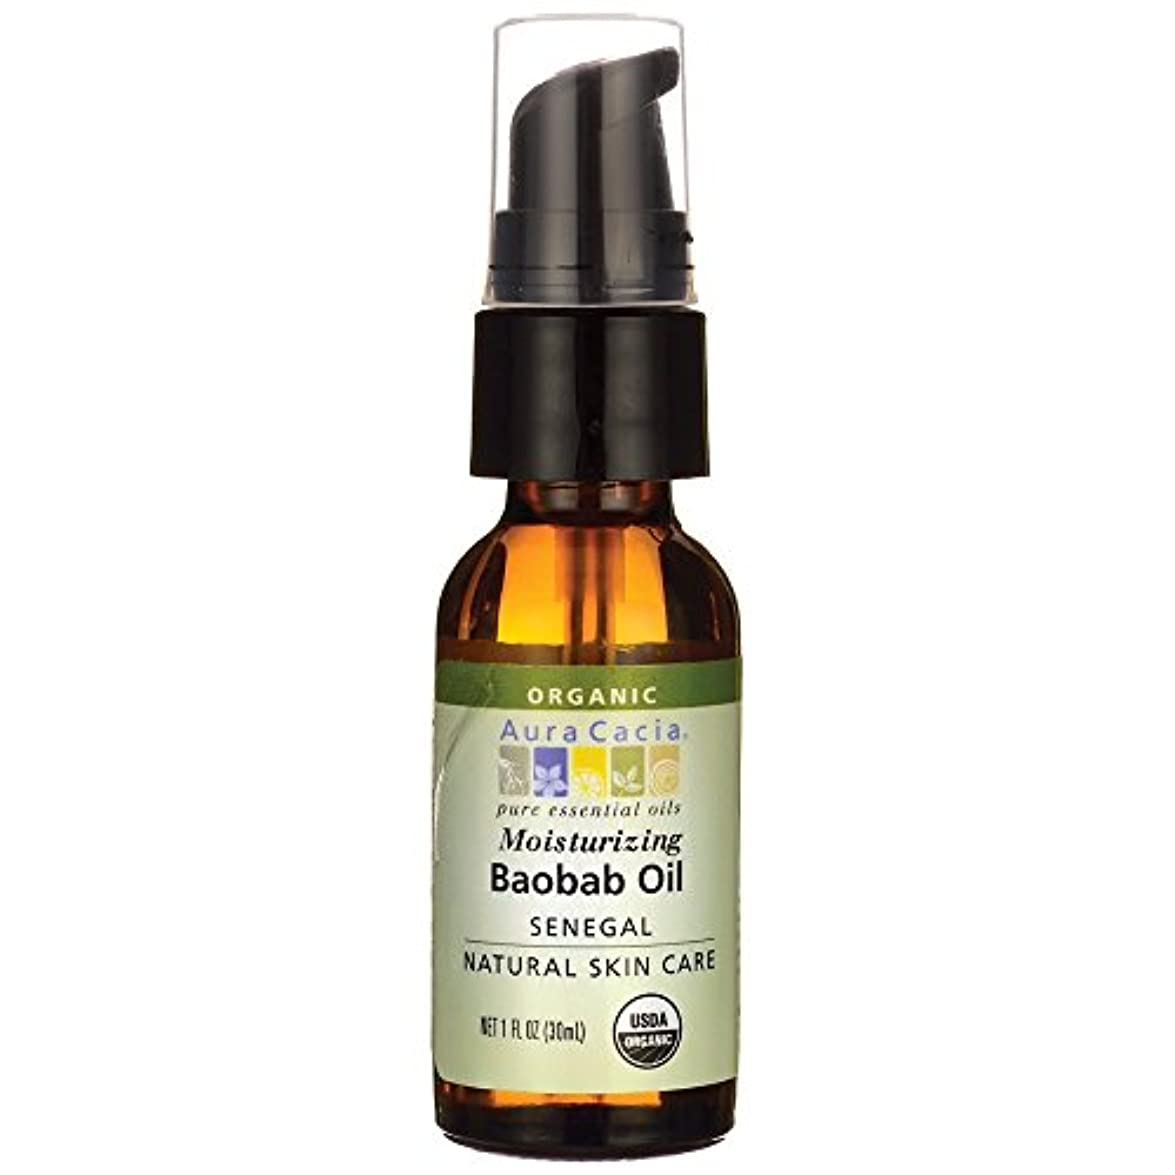 保育園もし時計[海外直送品] Aura Cacia オーガニック バオバブ オイル 30ml Organic Baobab Oil 1 fl oz [ヘルスケア&ケア用品]